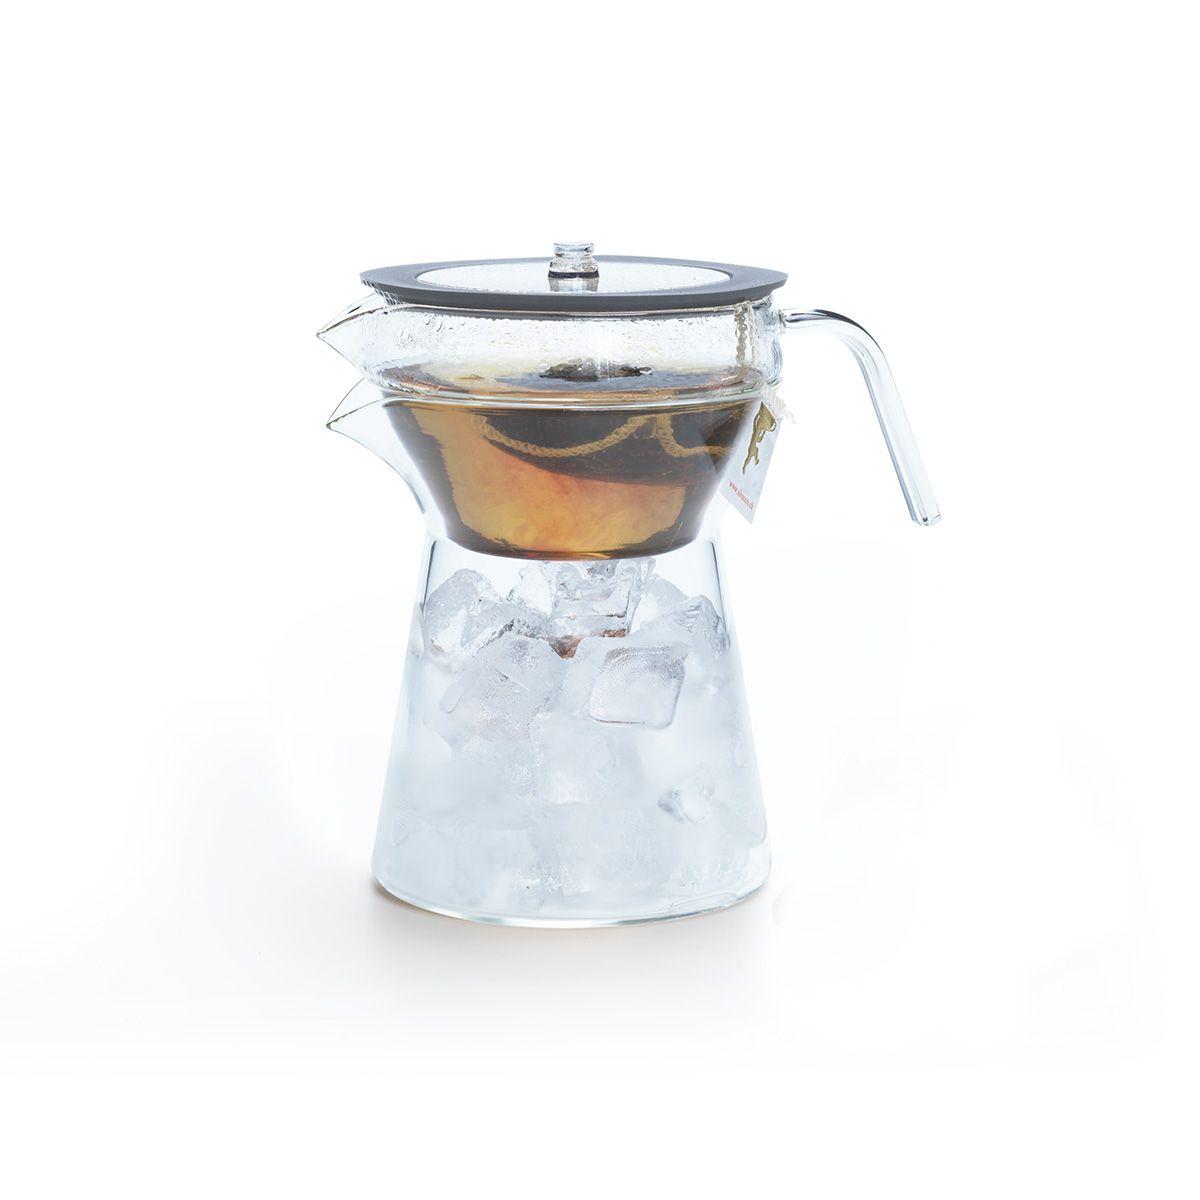 Glaskrug für Eistee-Zubereitung